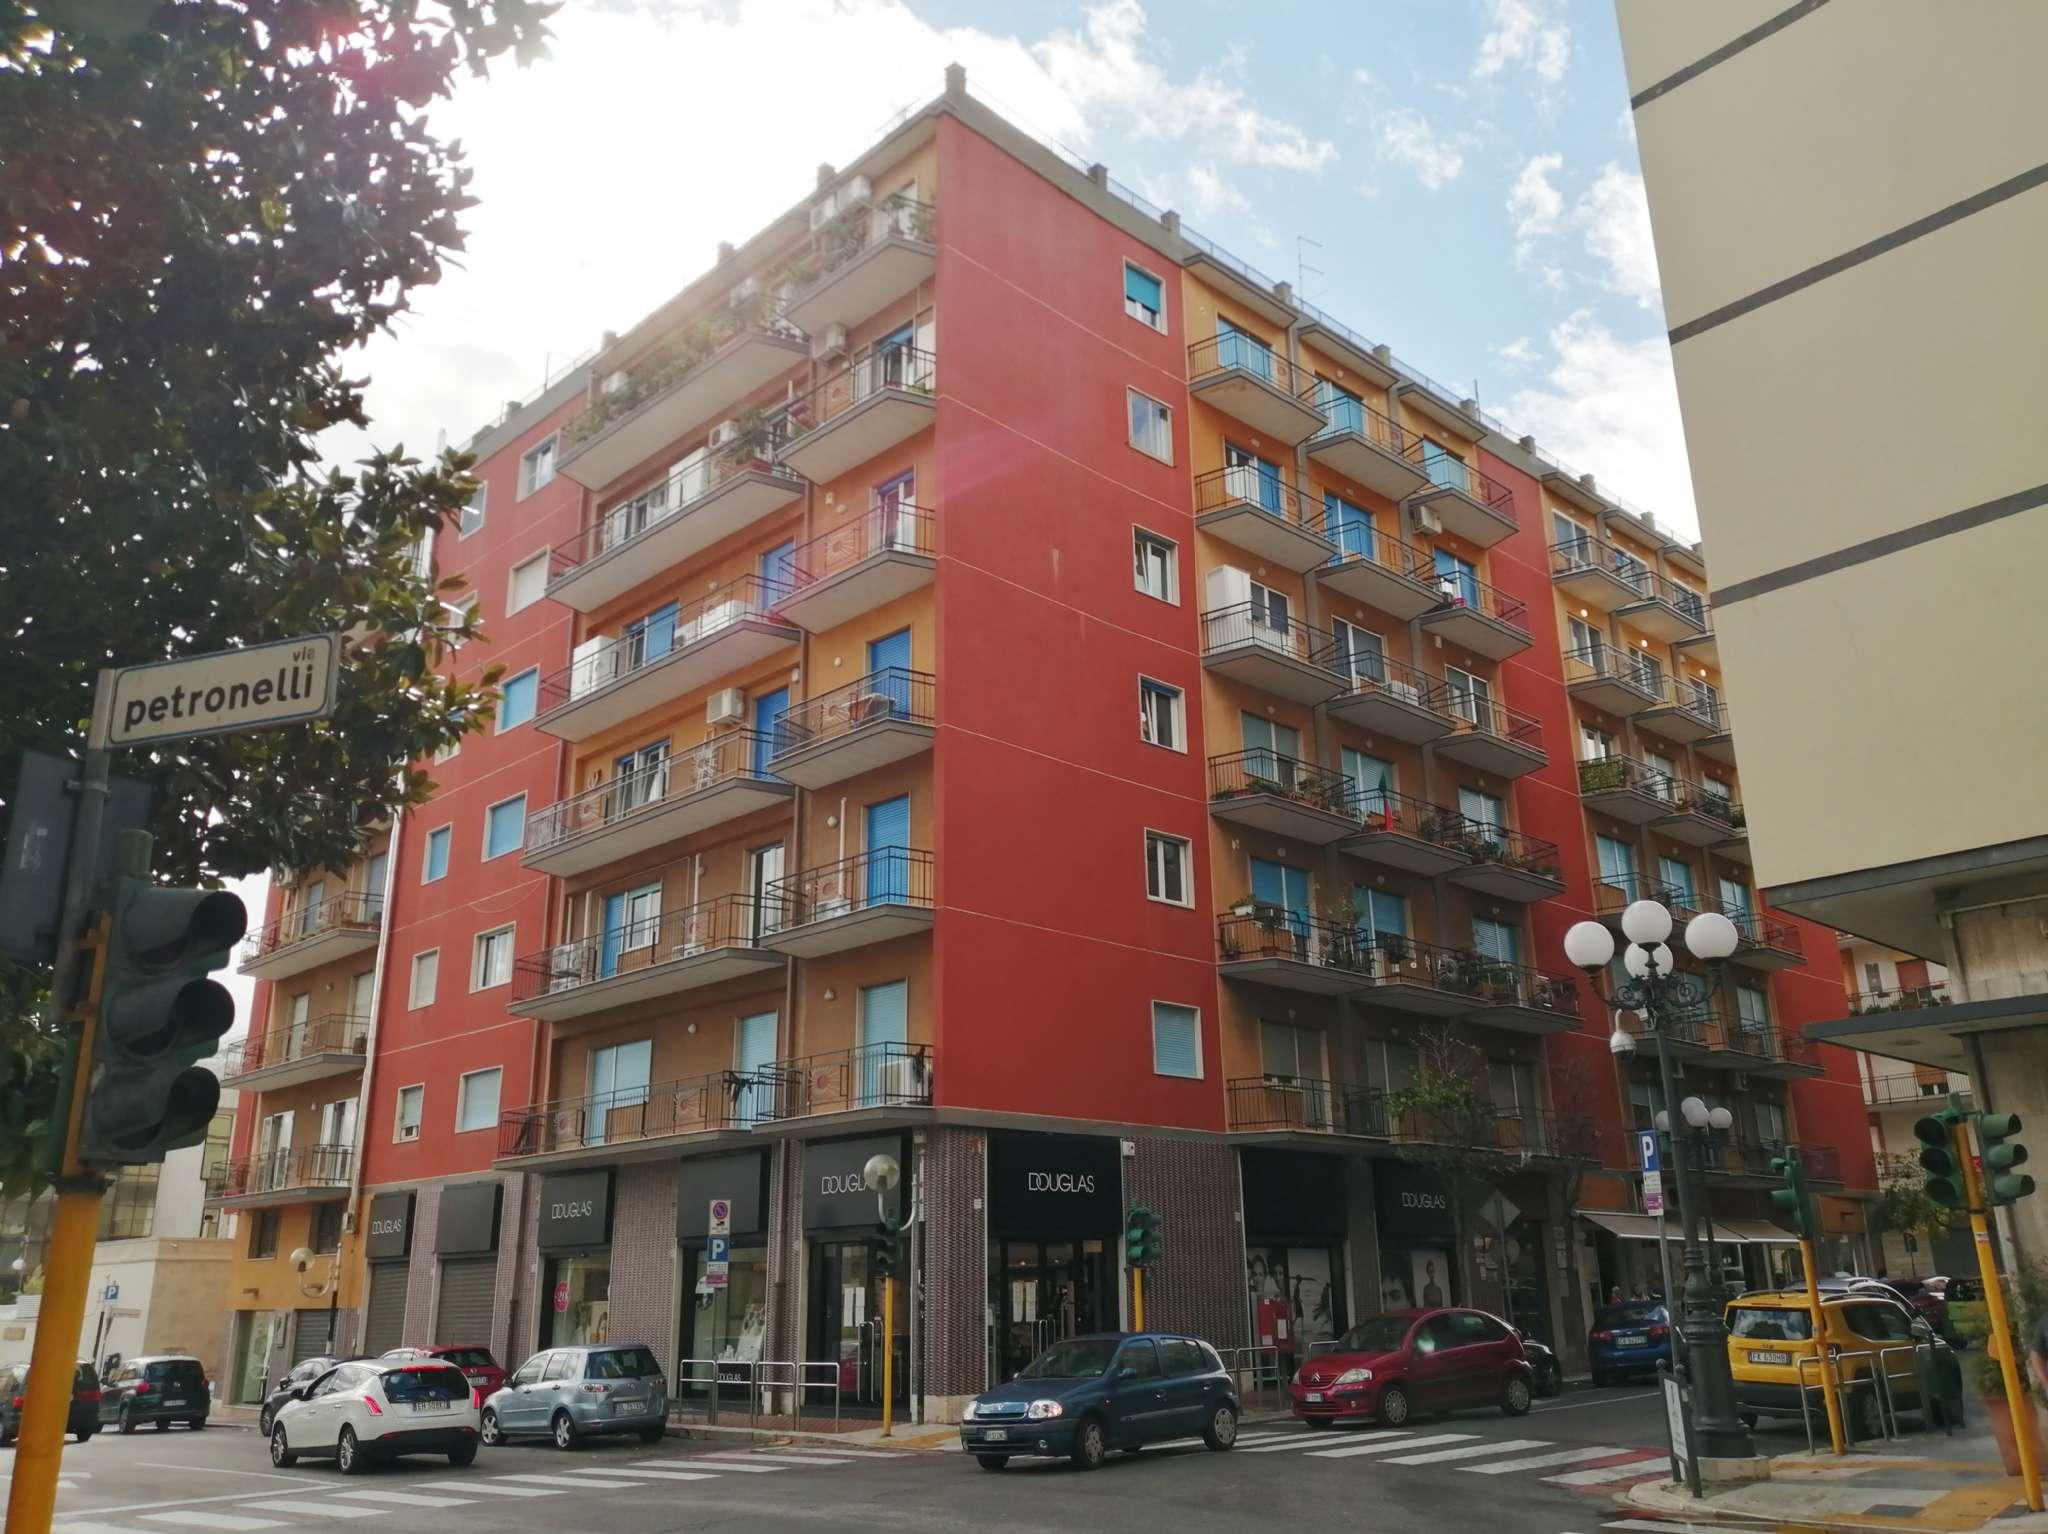 Appartamento in vendita a Bisceglie, 5 locali, prezzo € 110.000 | PortaleAgenzieImmobiliari.it